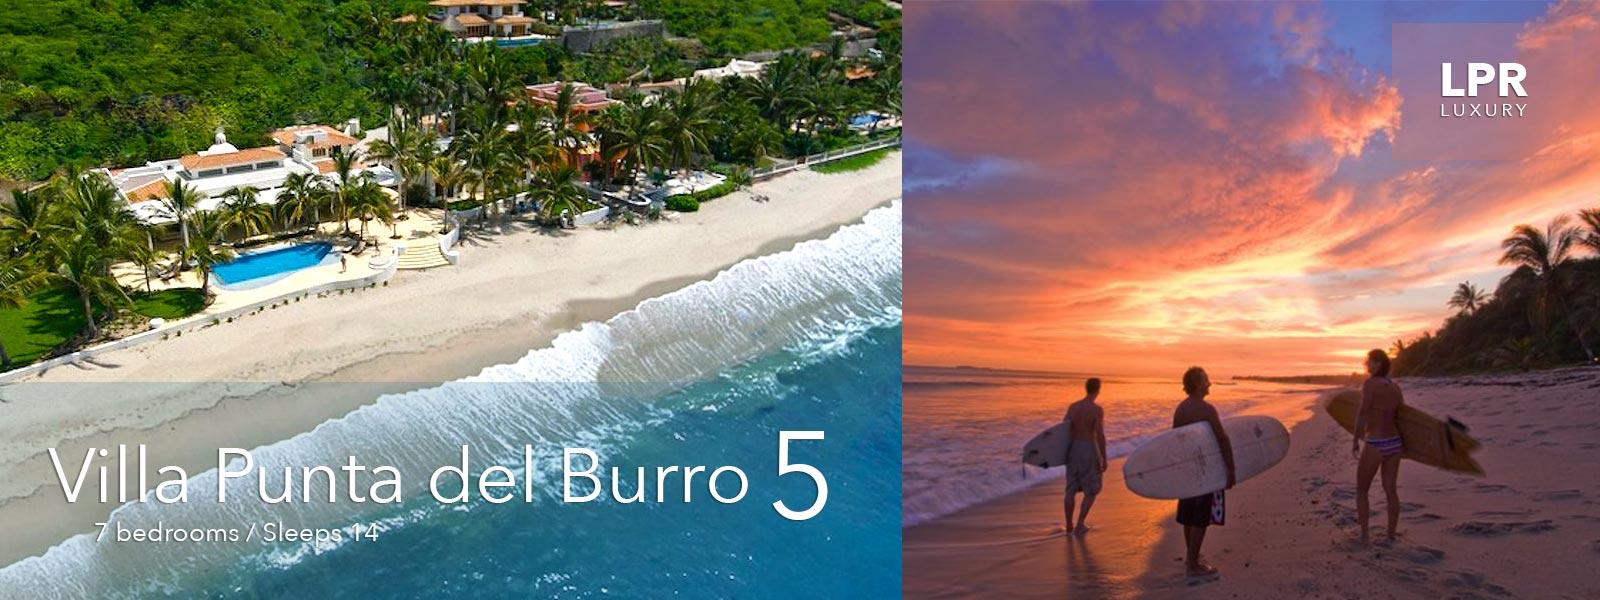 Villa Punta del Burro 5 - North Shore Puerto Vallarta Real Estate - Mexico